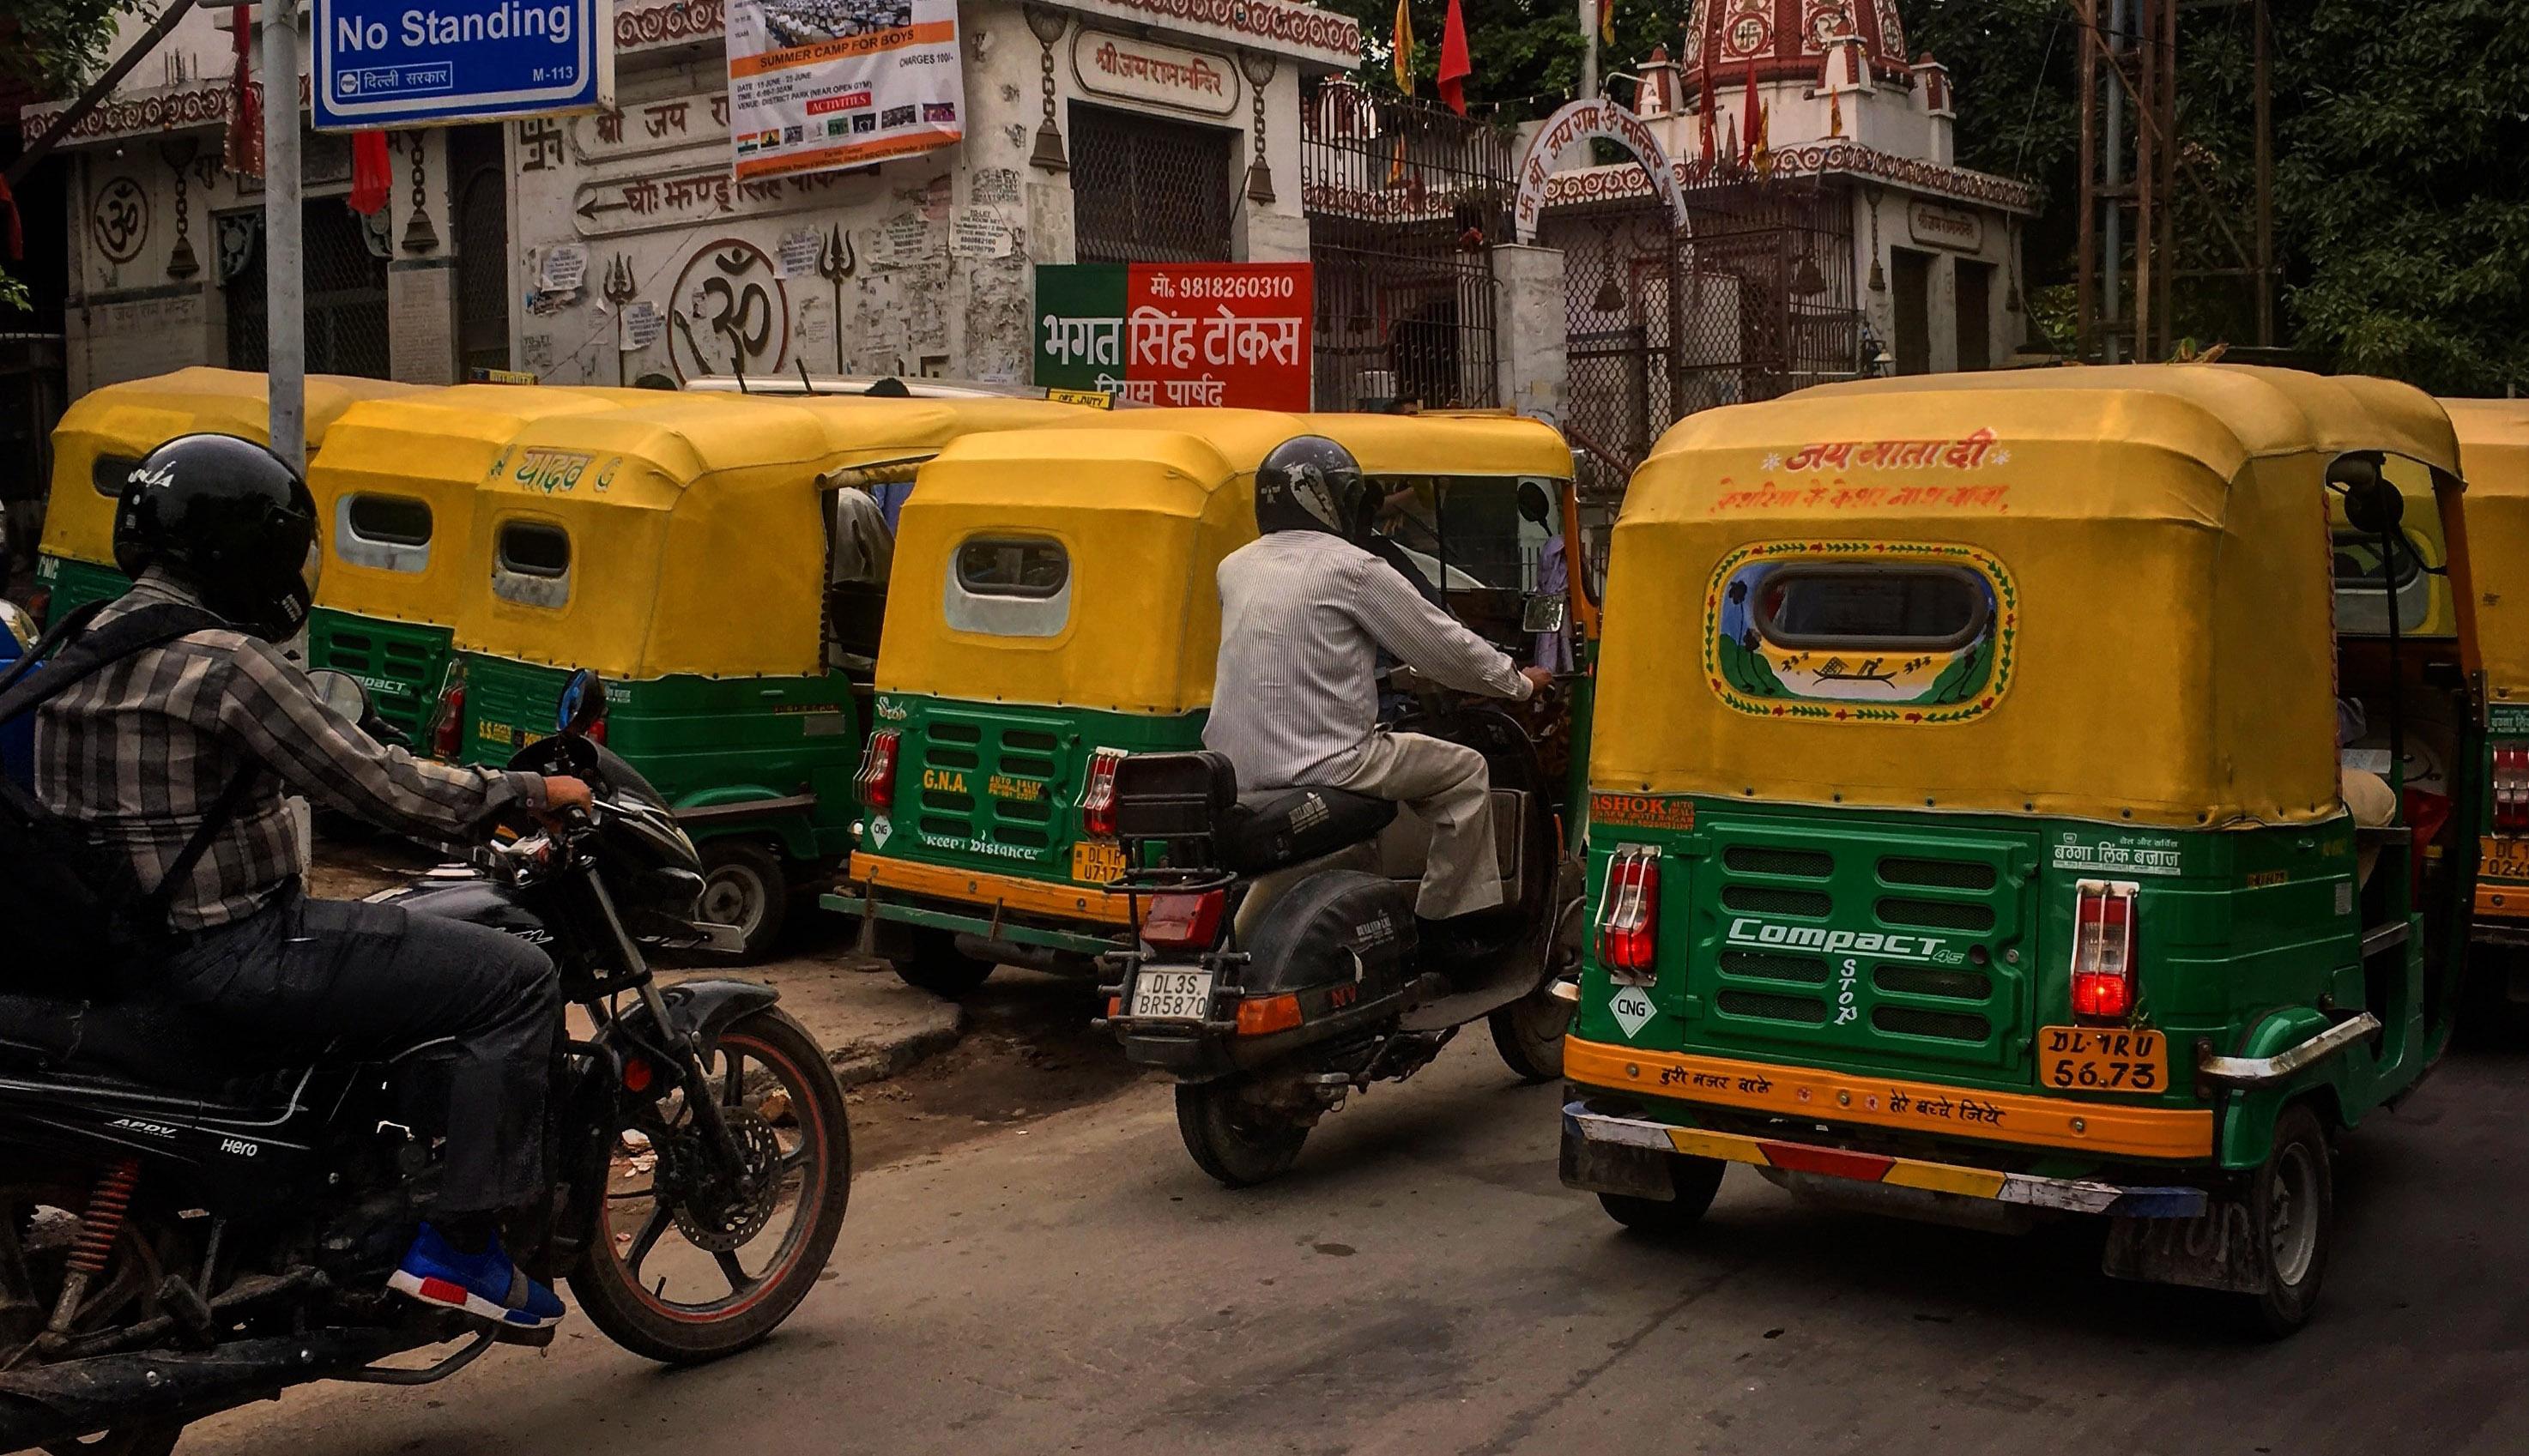 Indien setzt auf Wasserstoffkraftstoff in Delhi